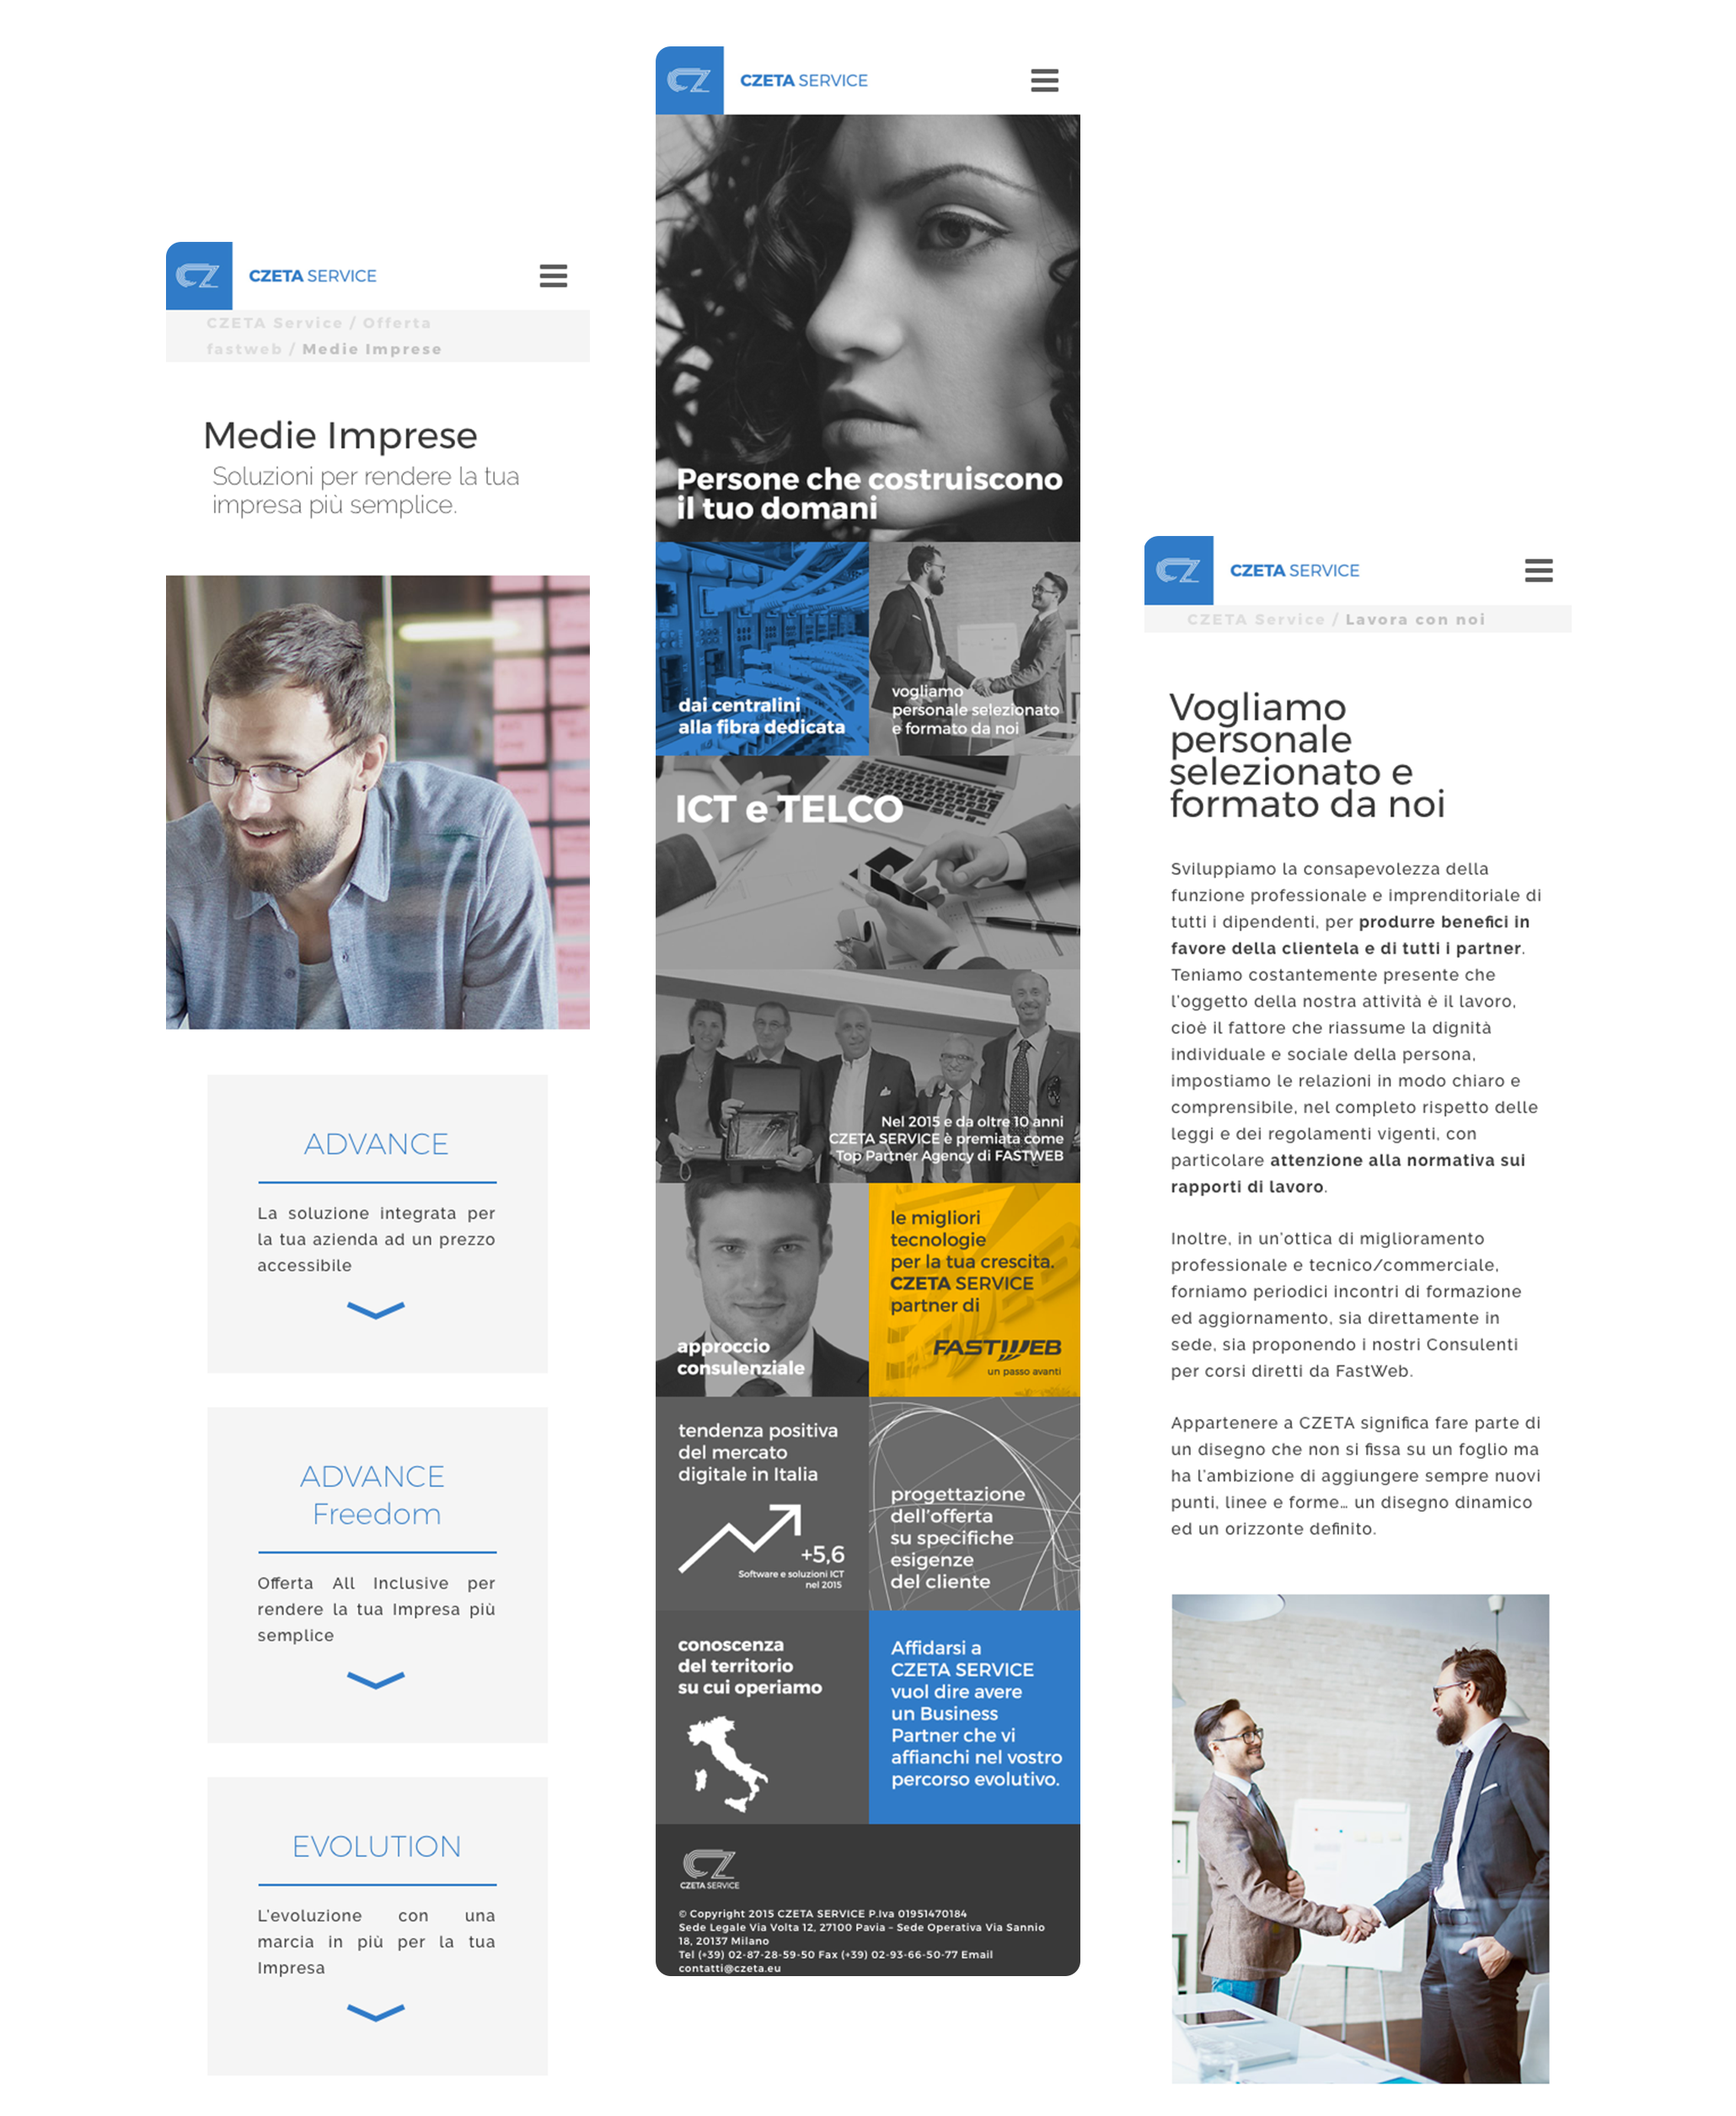 pagine sito web mobile